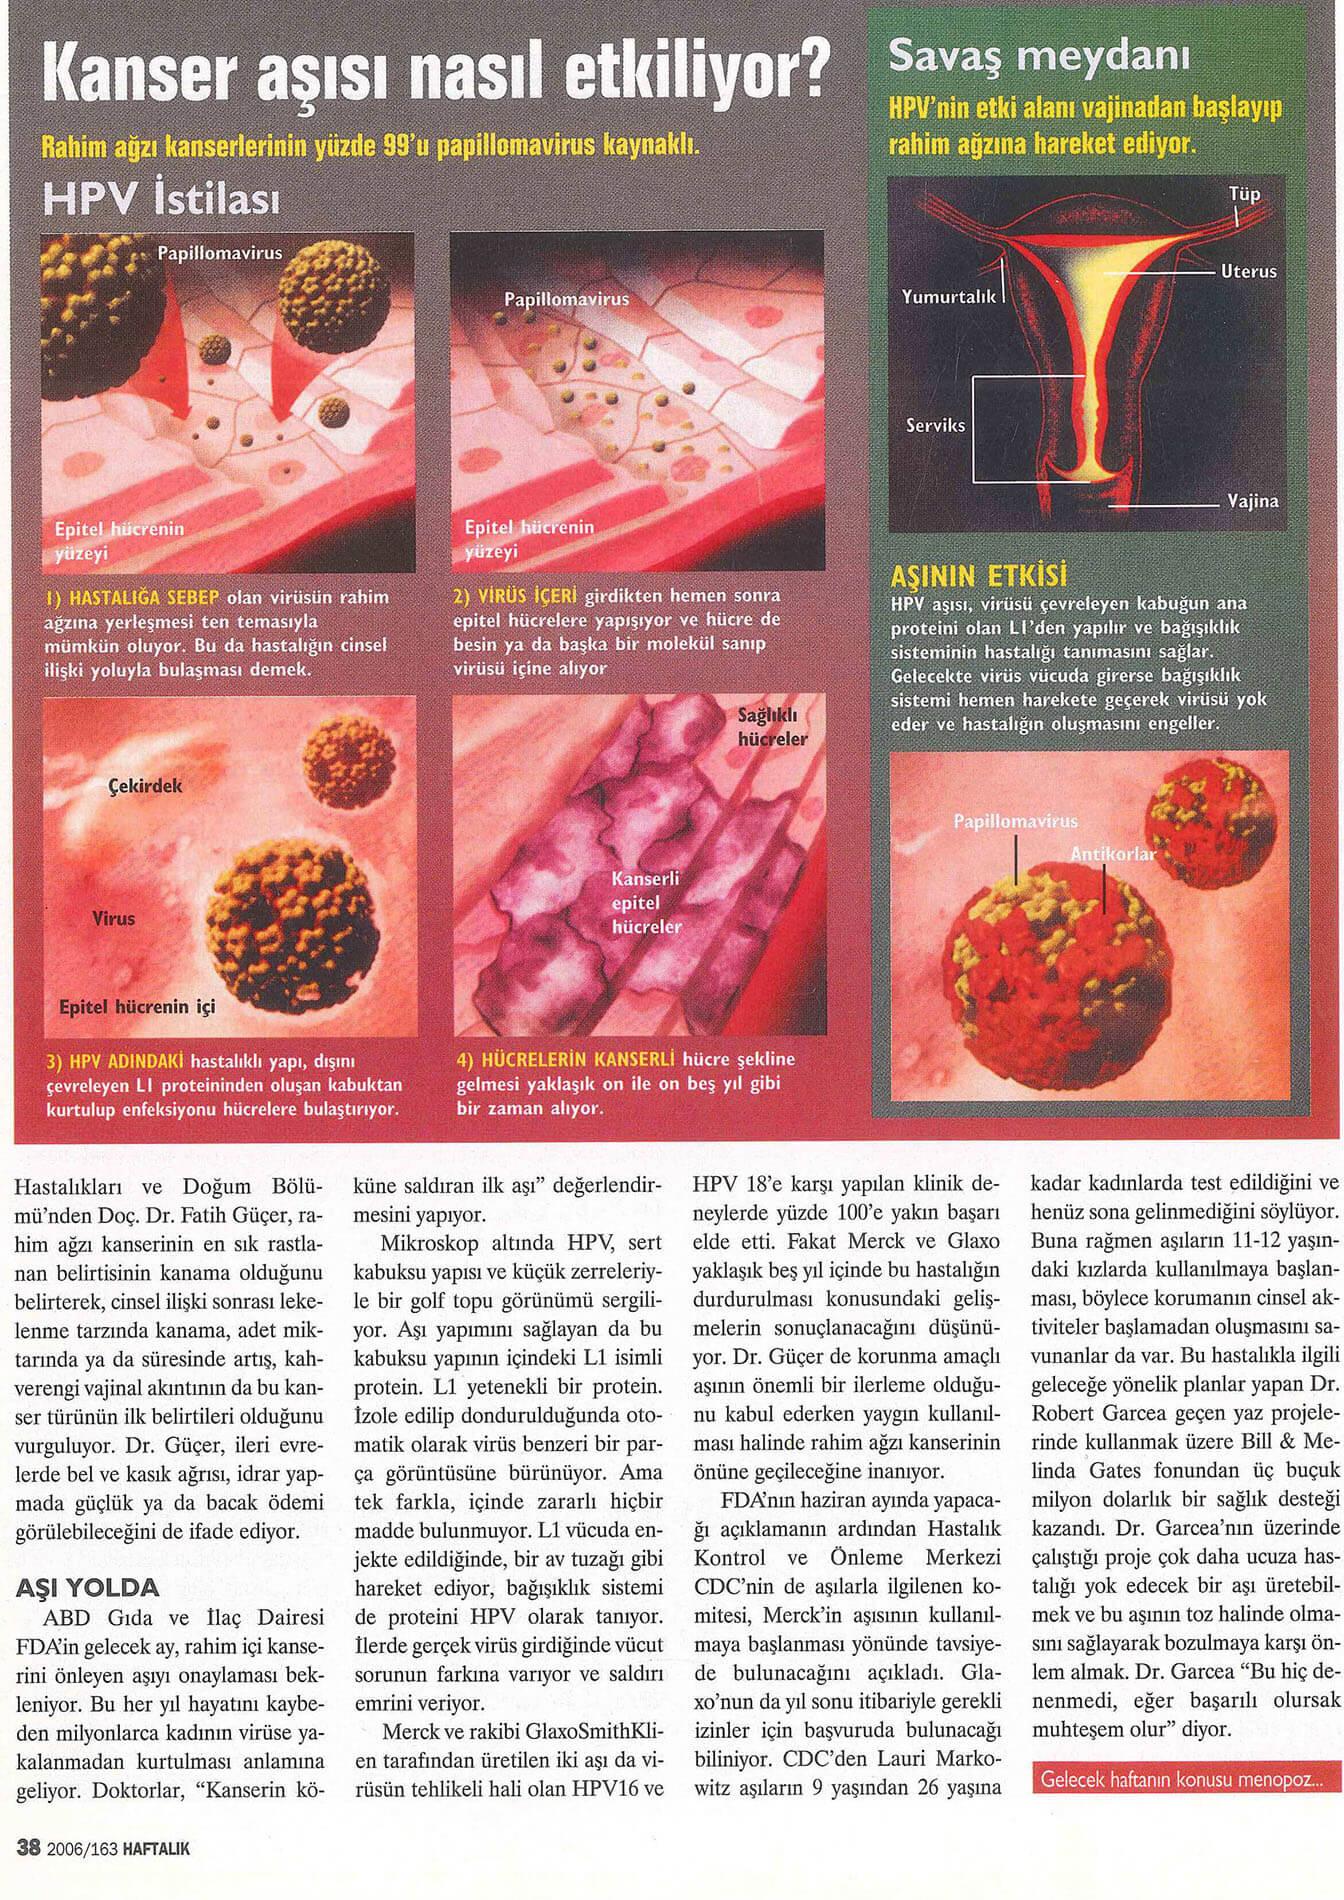 kanser-asisi-nasil-etkiliyor